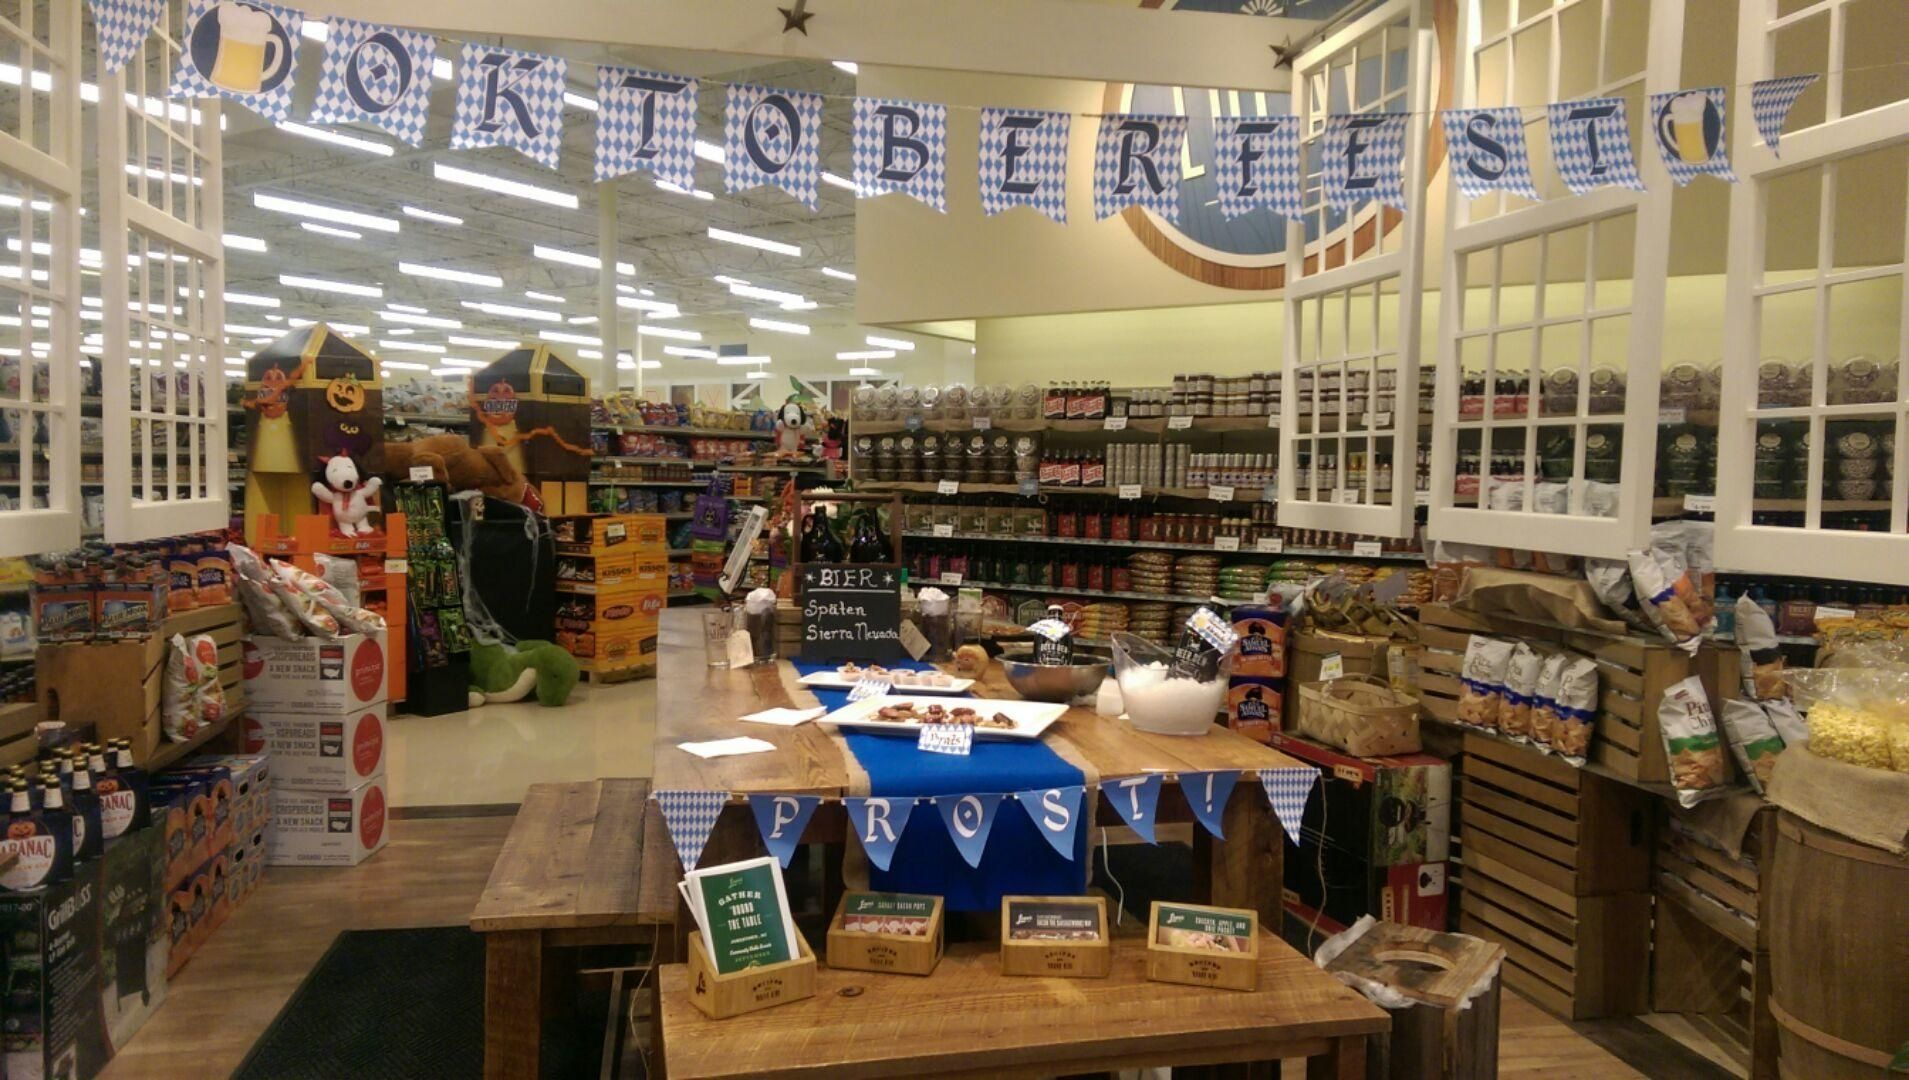 Beer Den takeover for Oktoberfest! Community table